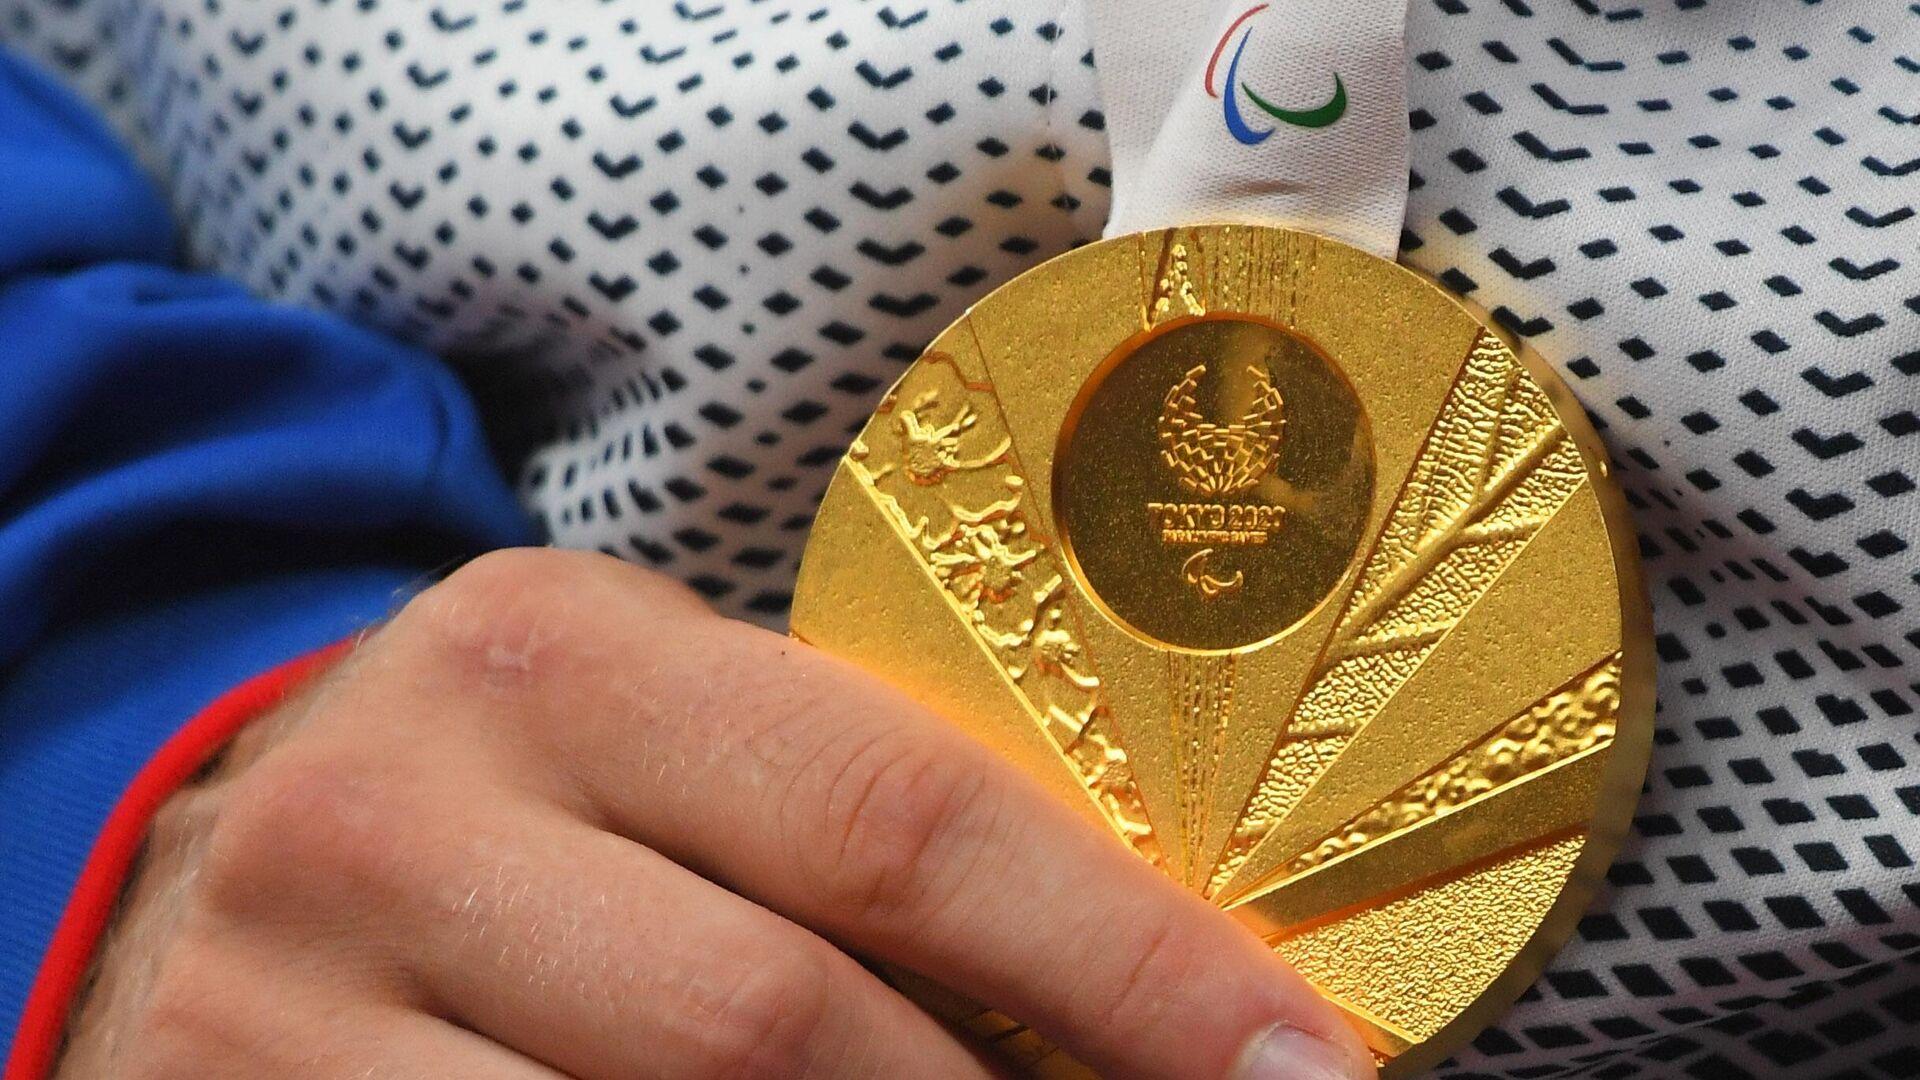 Золотая медаль российского спортсмена, члена сборной России (команда ПКР) Альберта Хинчагова, занявшего 1-е место в соревнованиях по толканию ядра среди мужчин в классе F37 на соревнованиях по легкой атлетике XVI летних Паралимпийских игр. - РИА Новости, 1920, 30.08.2021